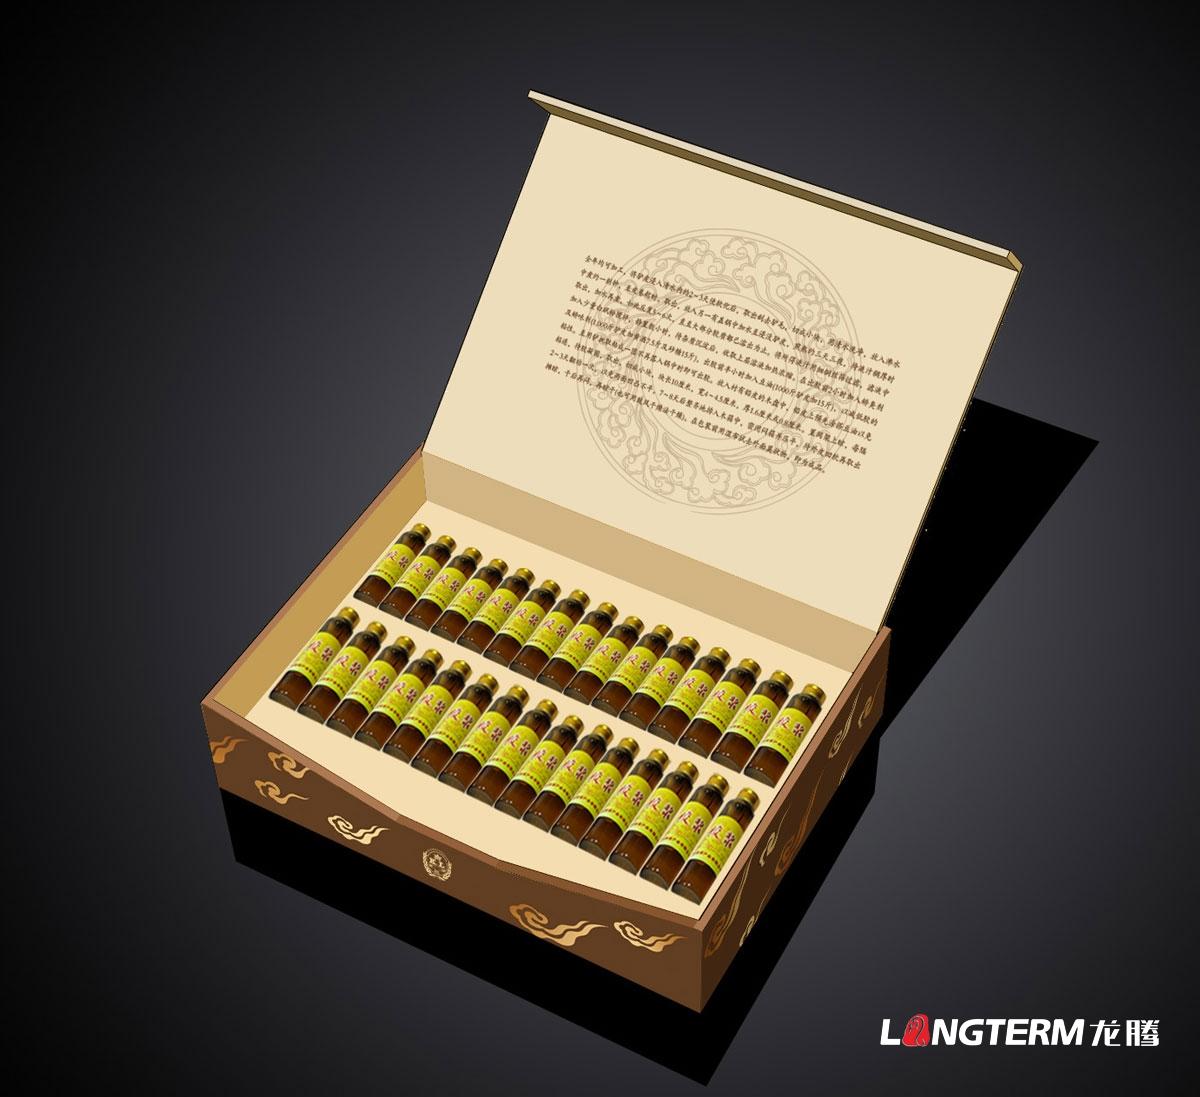 阿胶杞桂液礼盒包装设计|阿胶浆保健品包装盒设计生产印刷制作